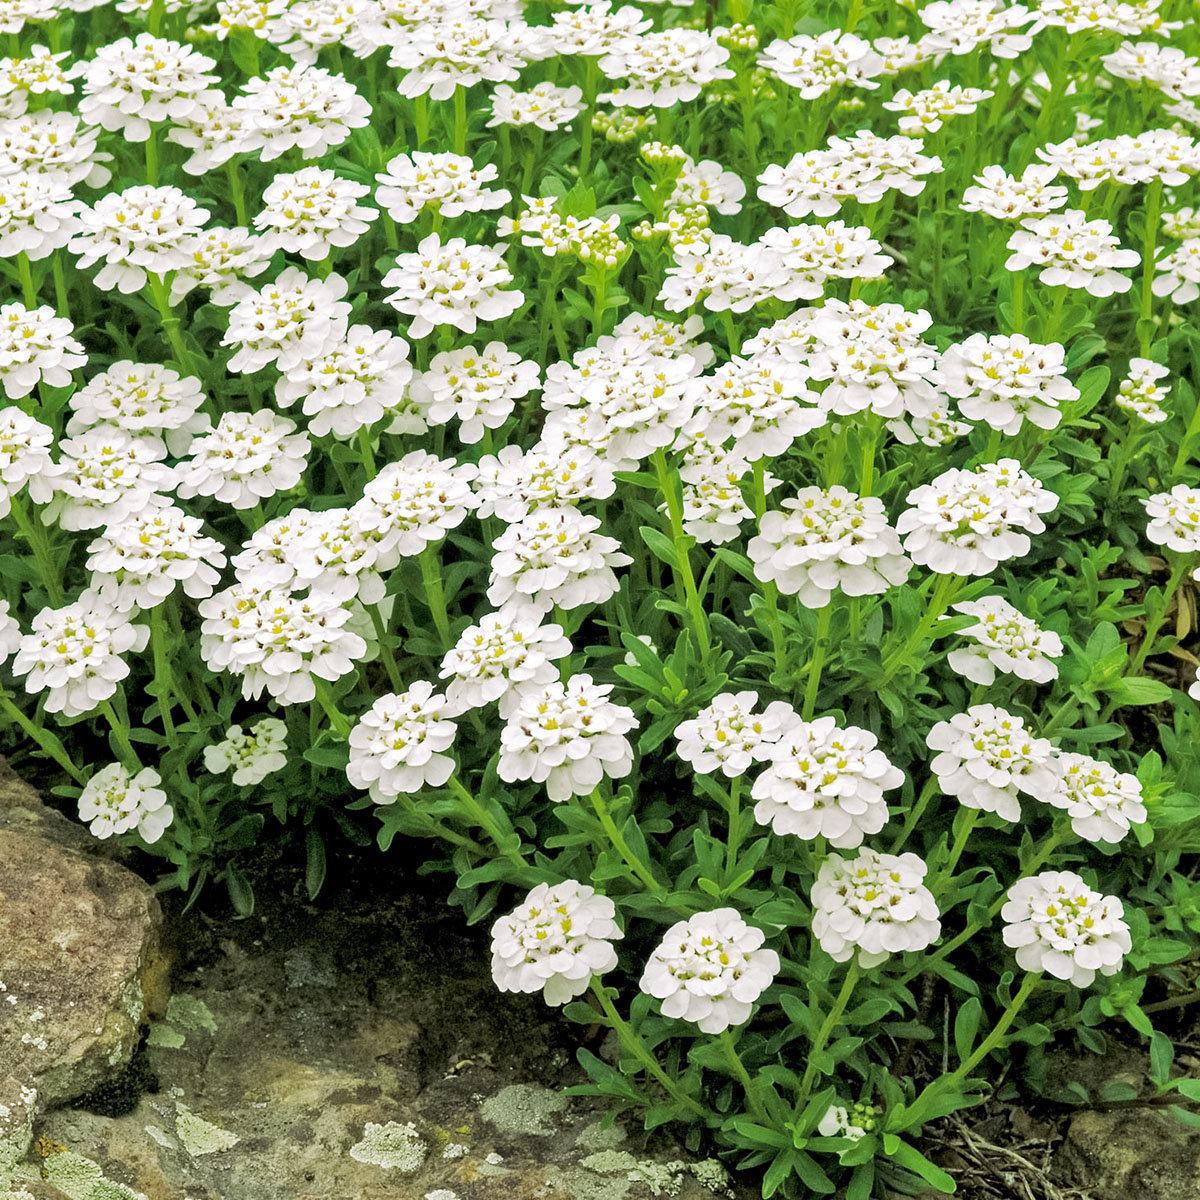 Immergrüne Schleifenblume, weiß, im ca. 9 cm-Topf